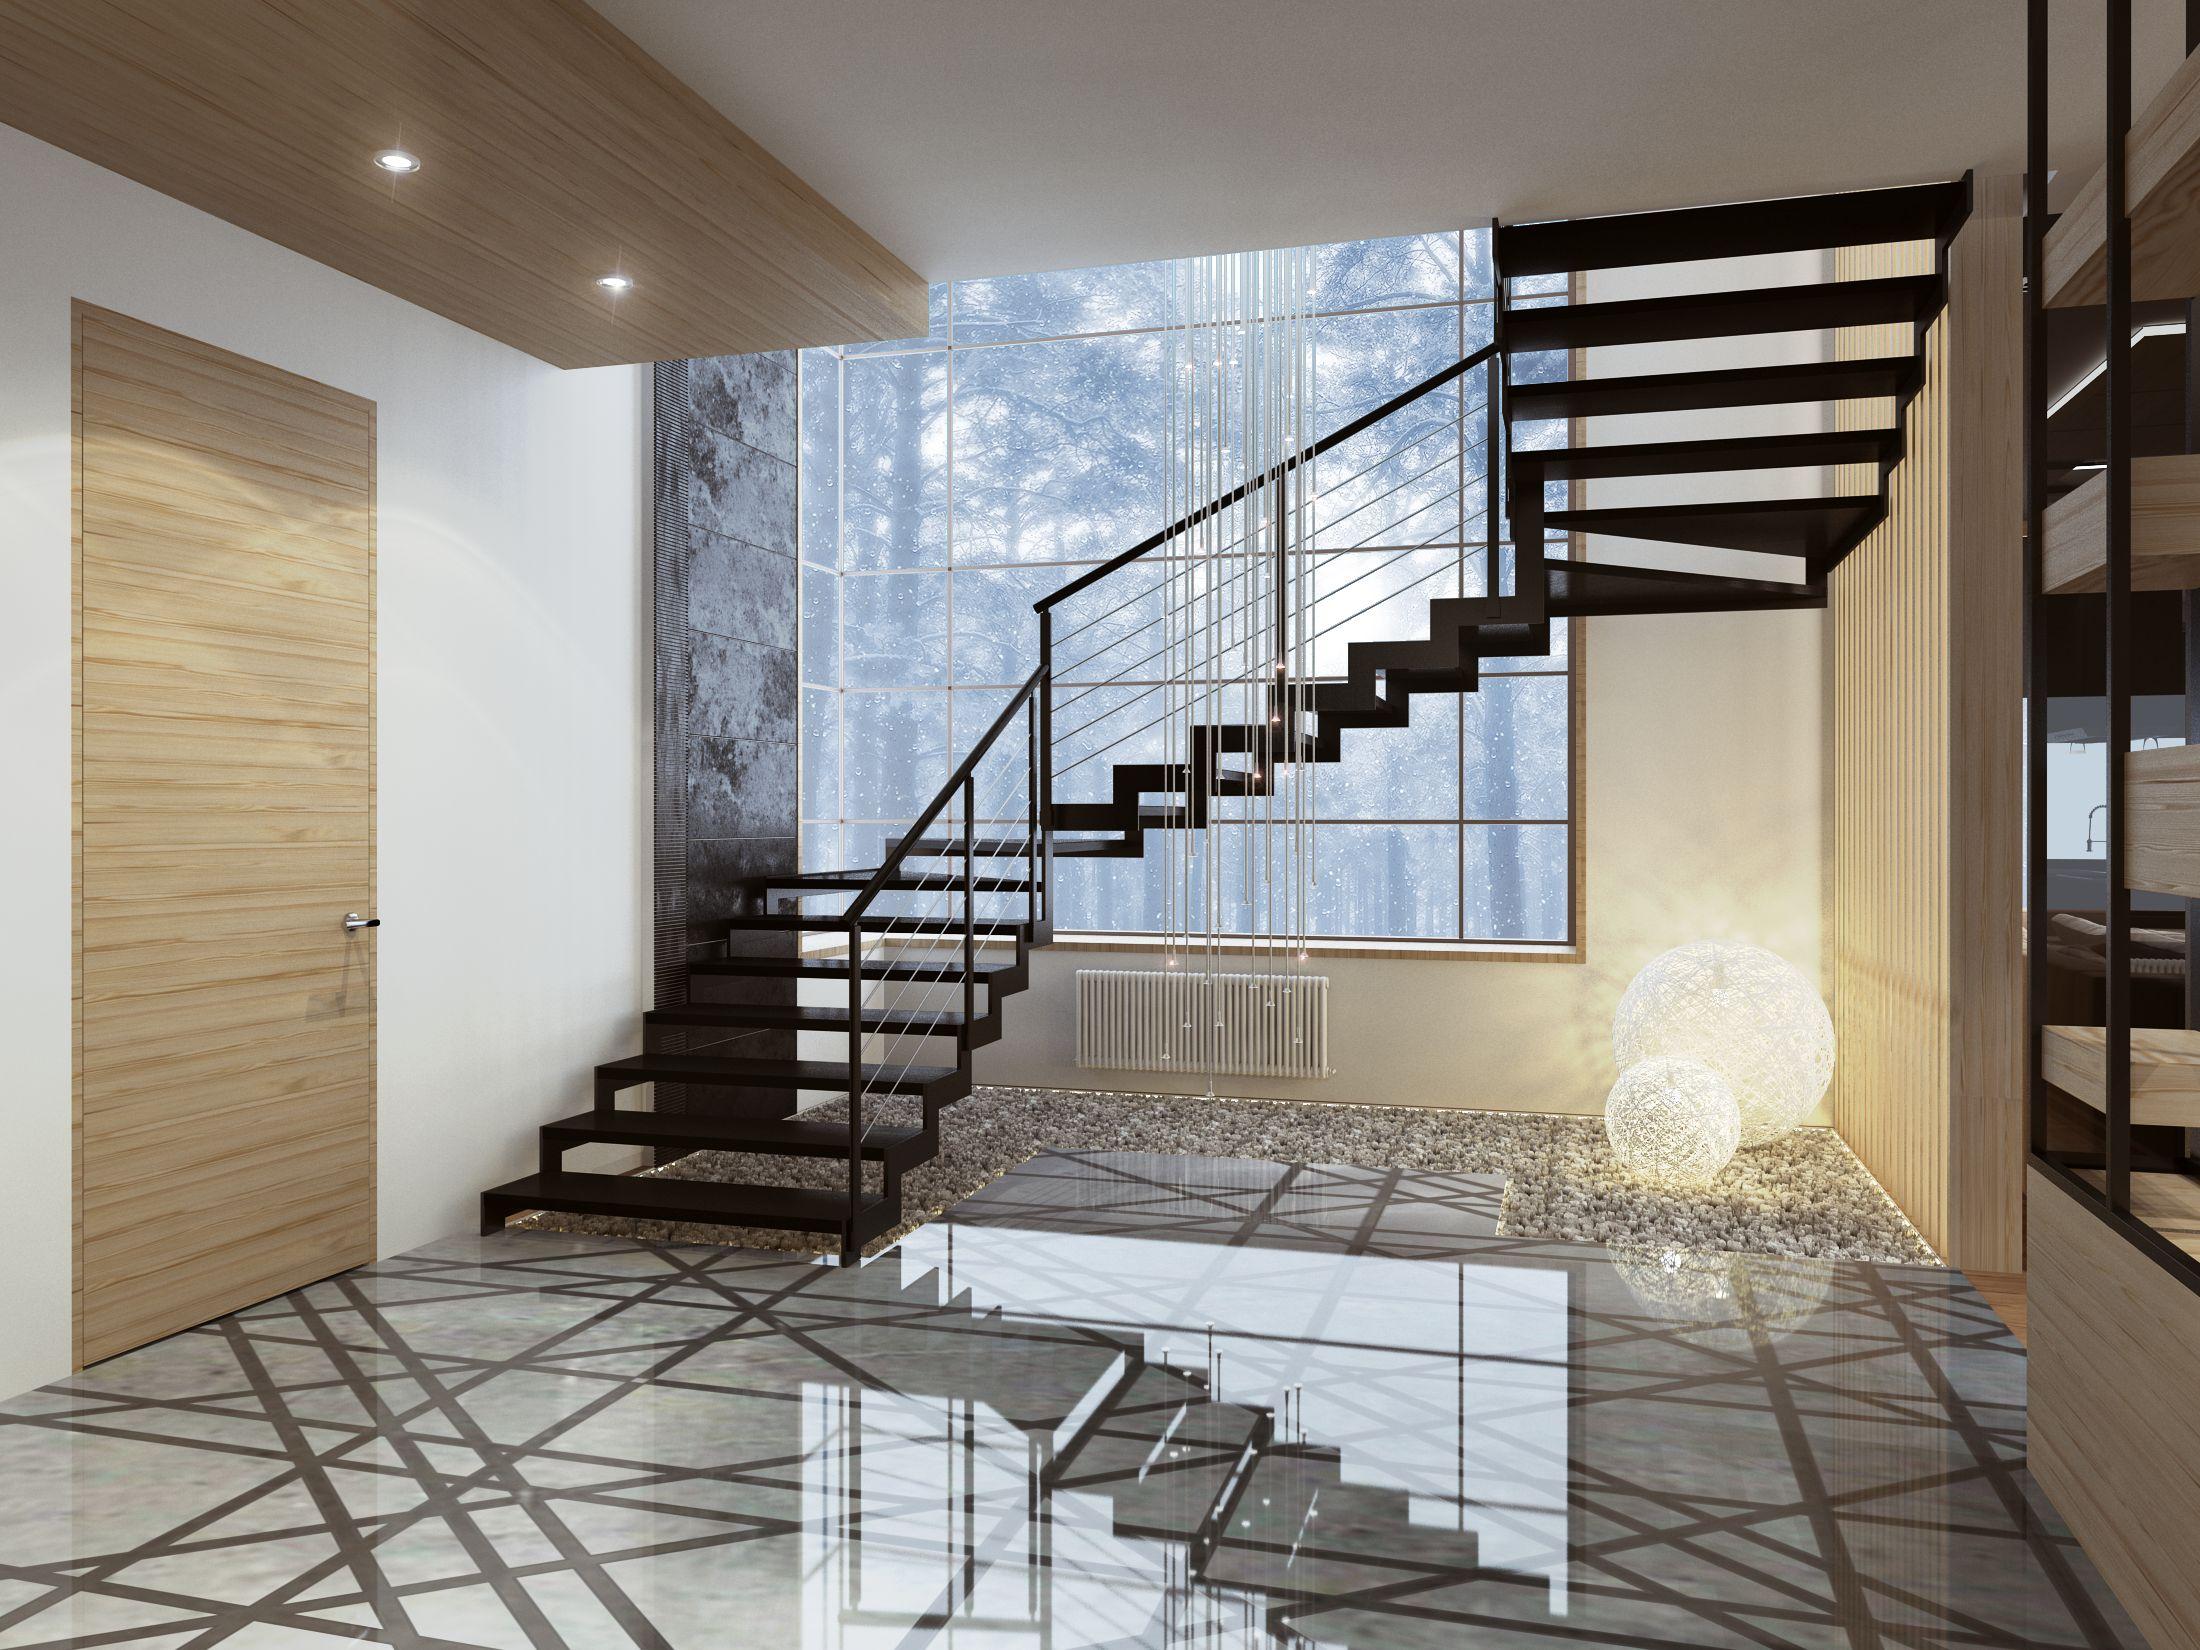 прихожая с лестницей в частном доме